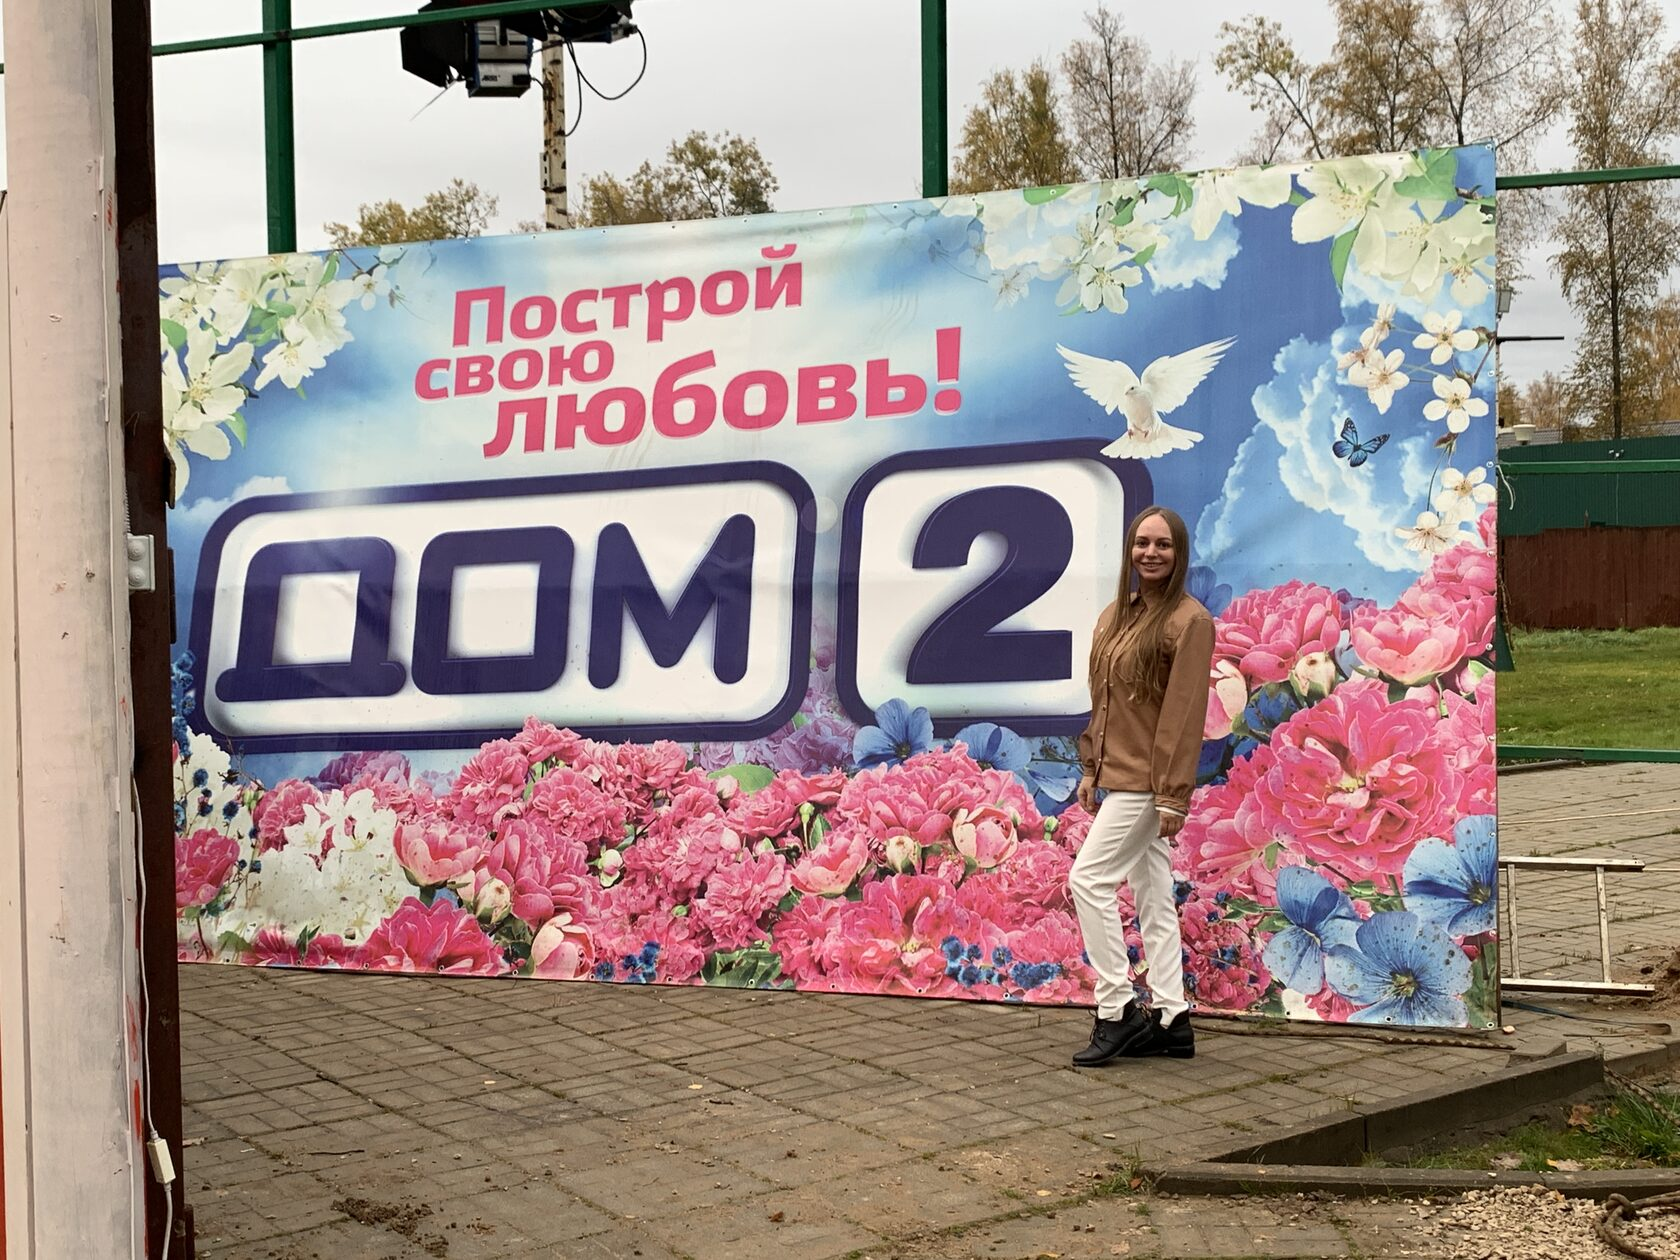 LashRussia на дом 2